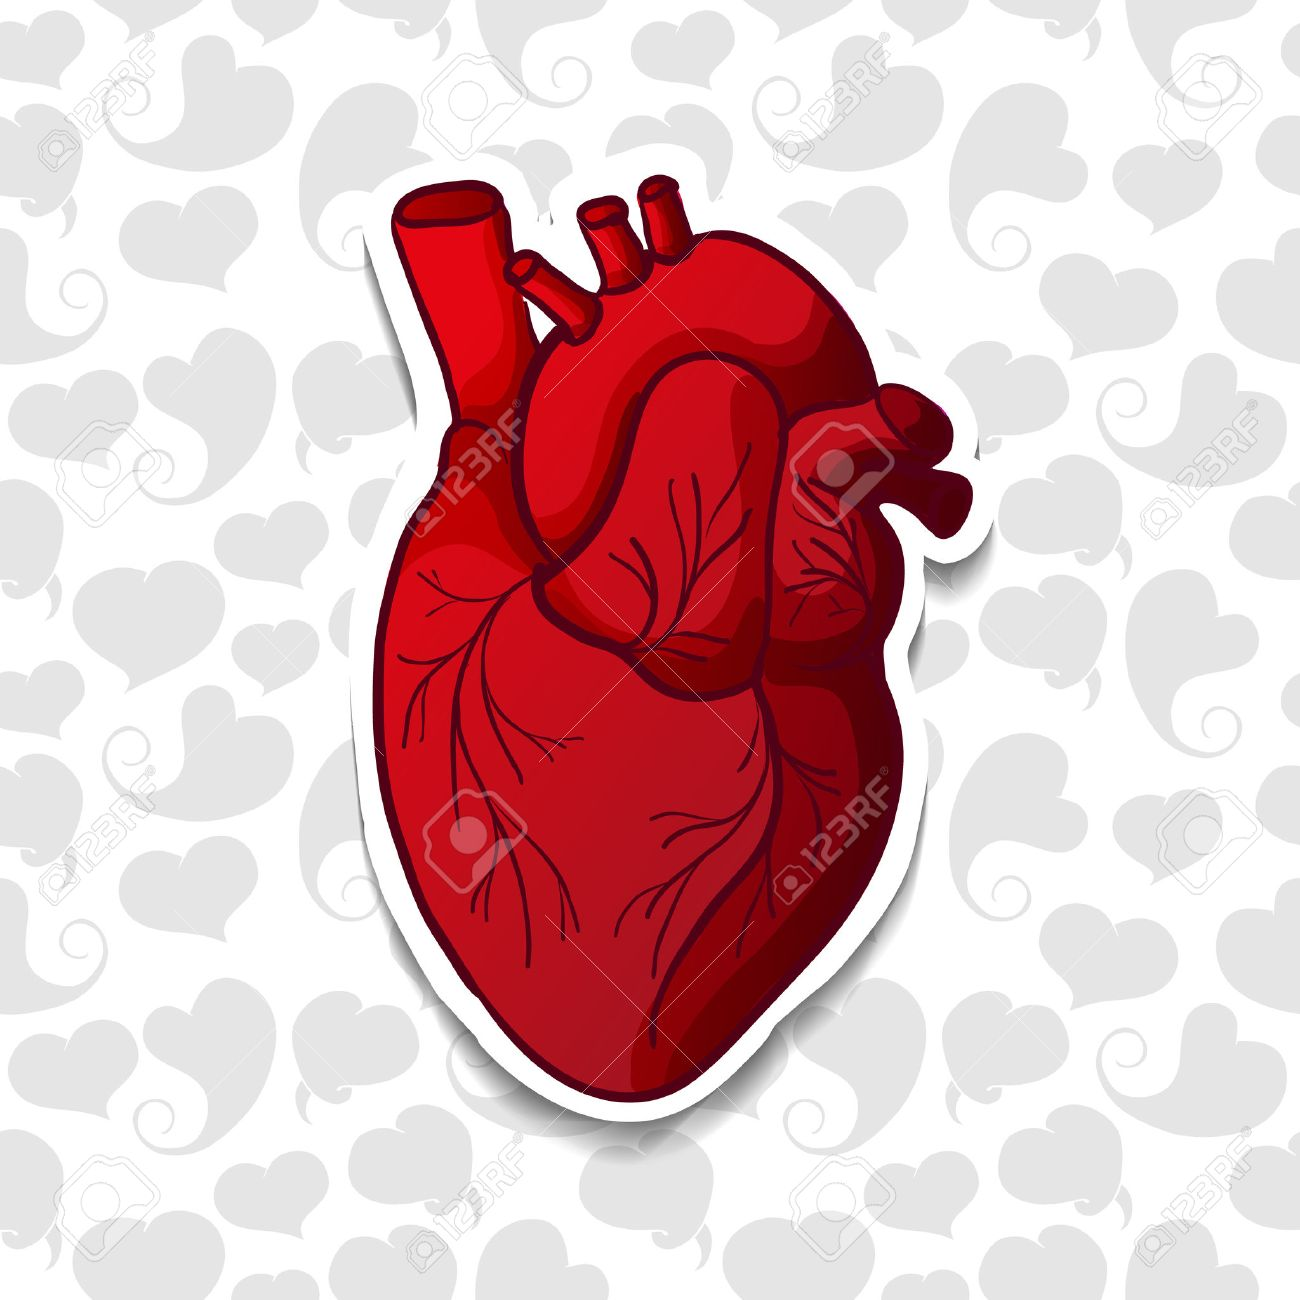 Dibujo Del Corazón Humano En El Patrón De Fondo De Los Corazones De